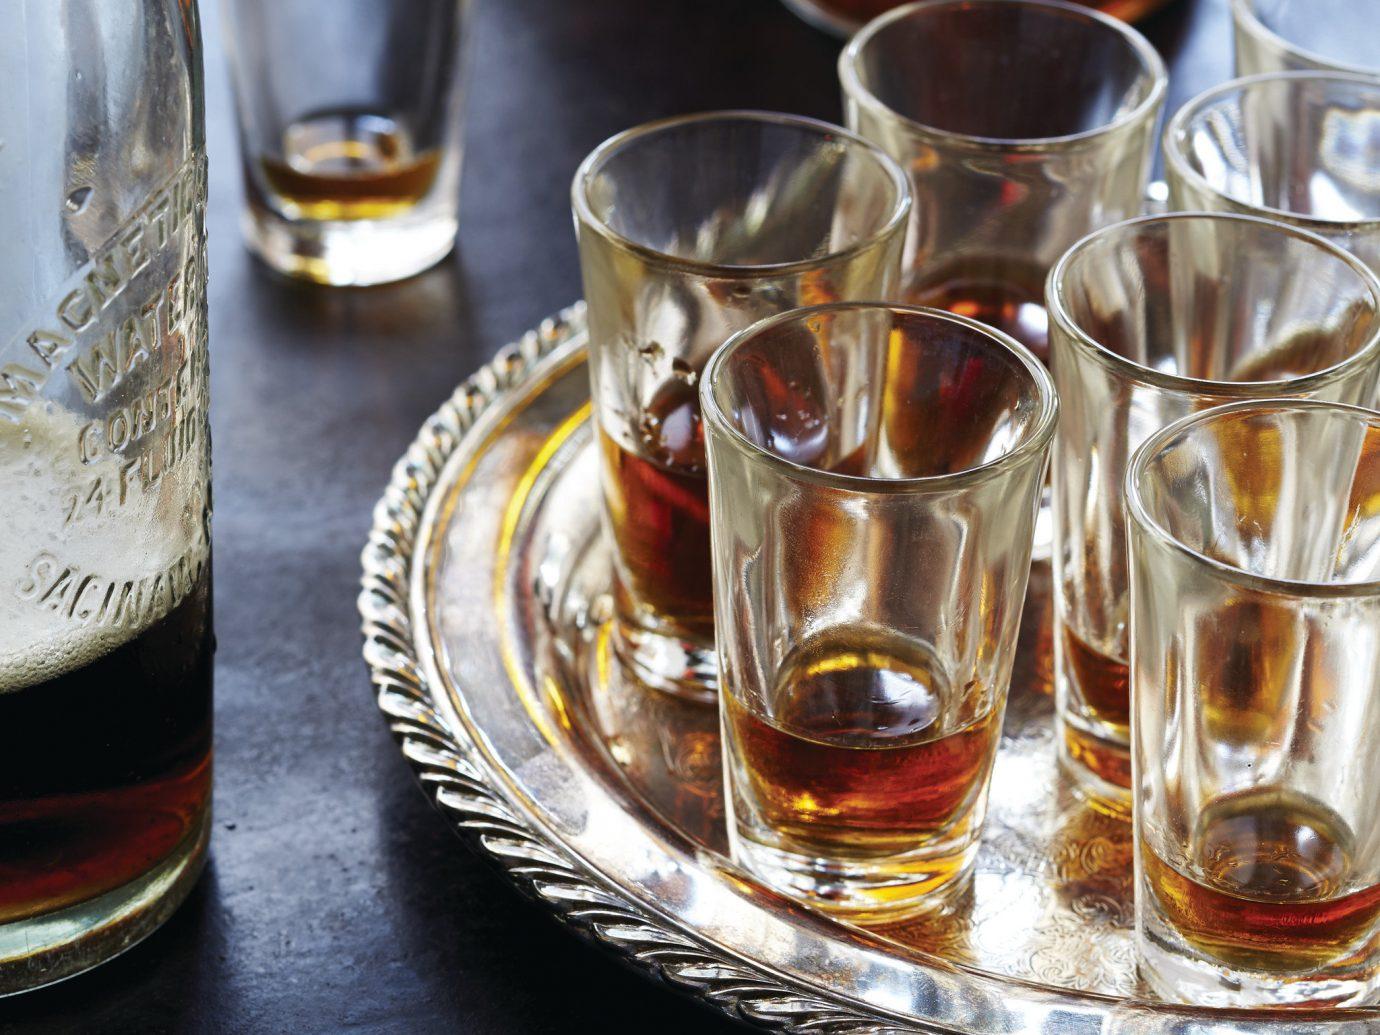 Food + Drink cup table alcoholic beverage Drink distilled beverage beer alcohol whisky liqueur wine glass beverage